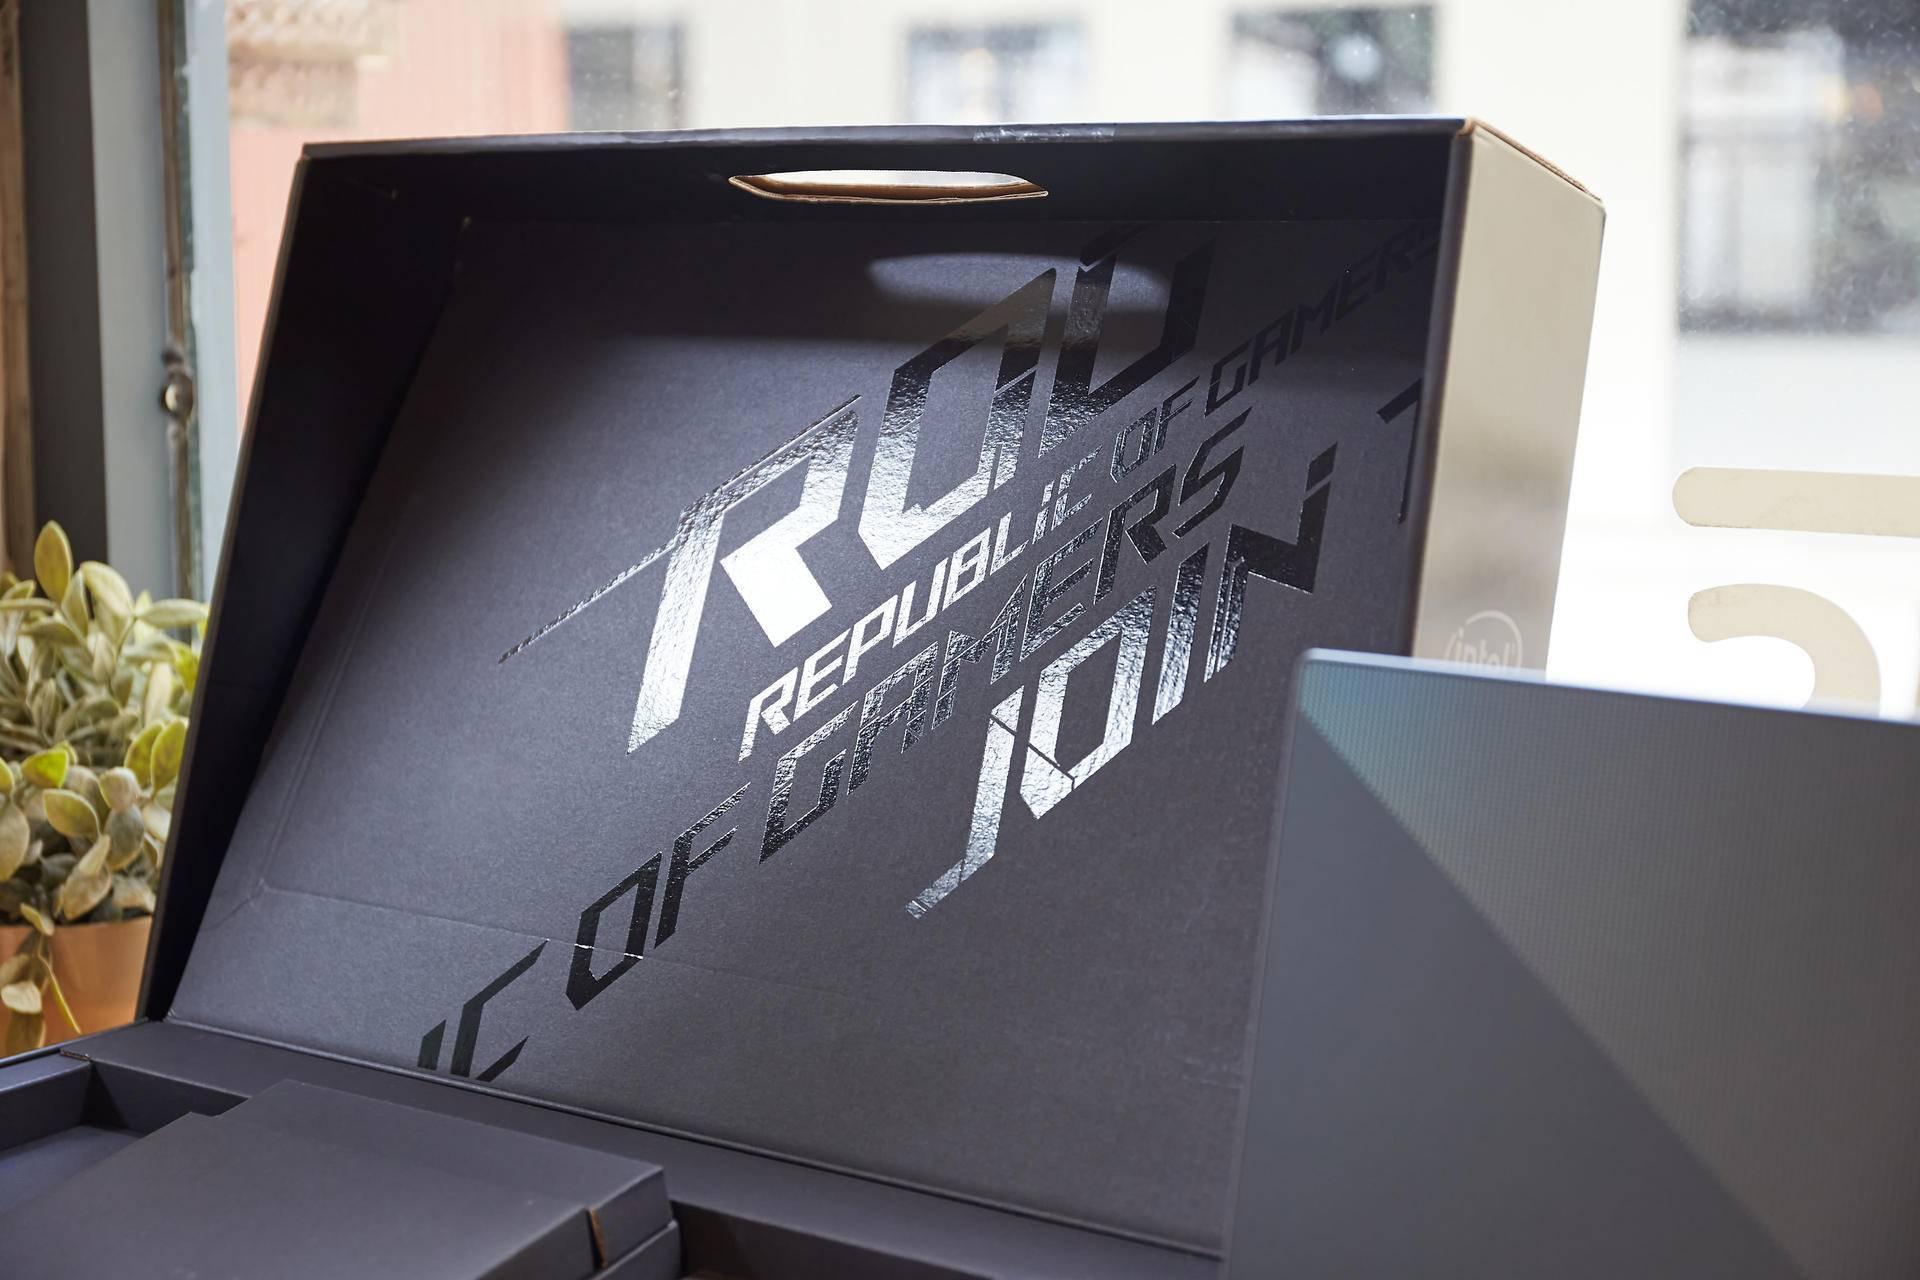 视觉体验无与伦比!4K屏ROG 幻15开箱,顶级屏幕尝鲜